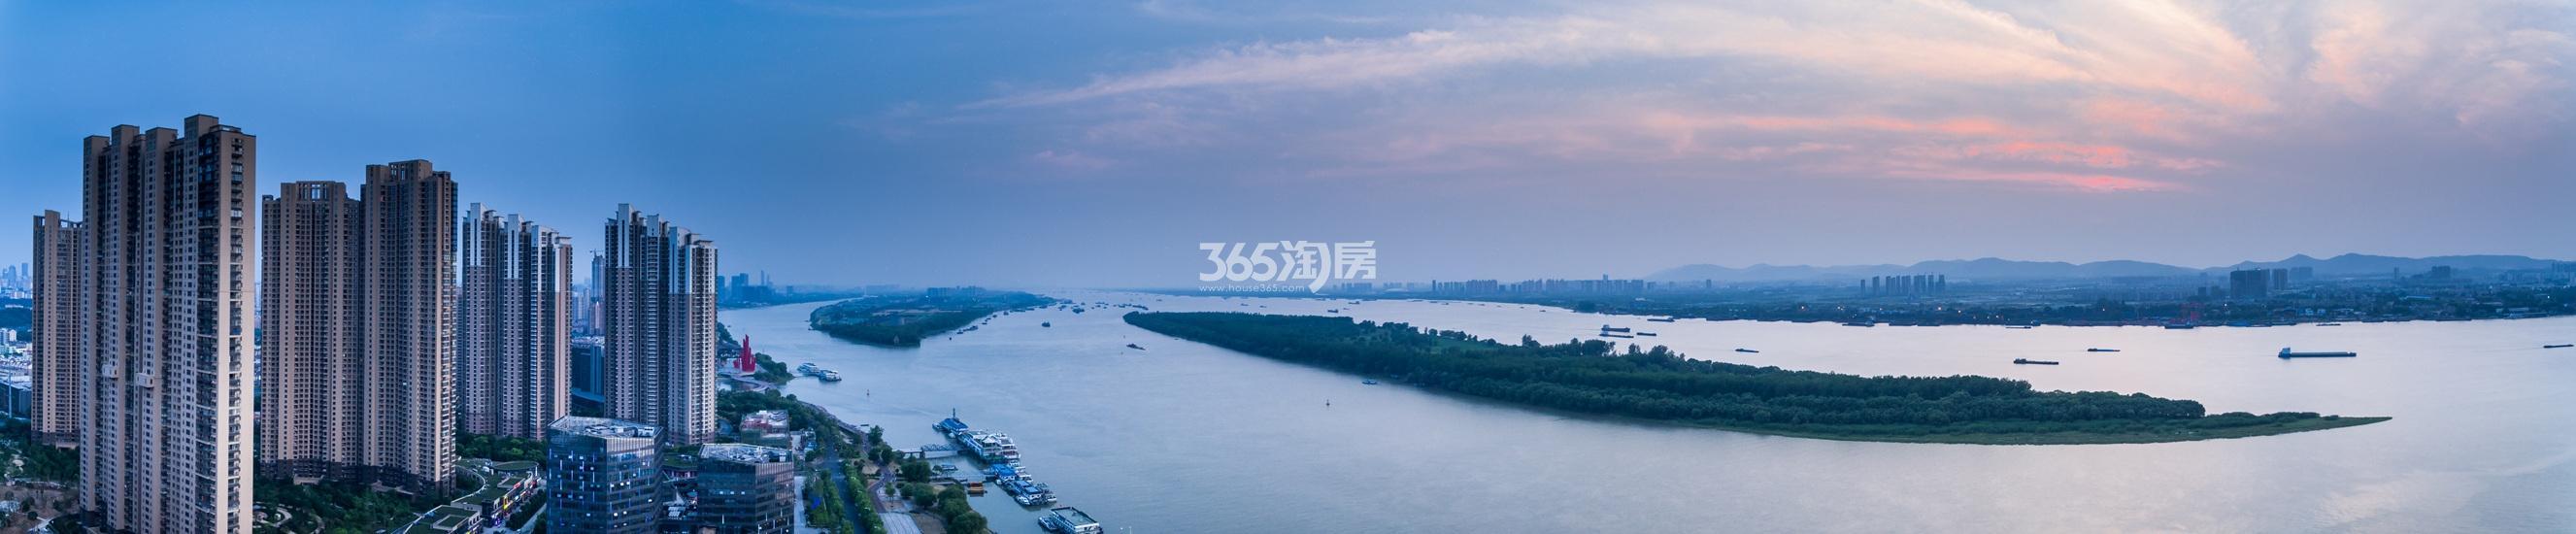 世茂外滩新城江景图(12.06)